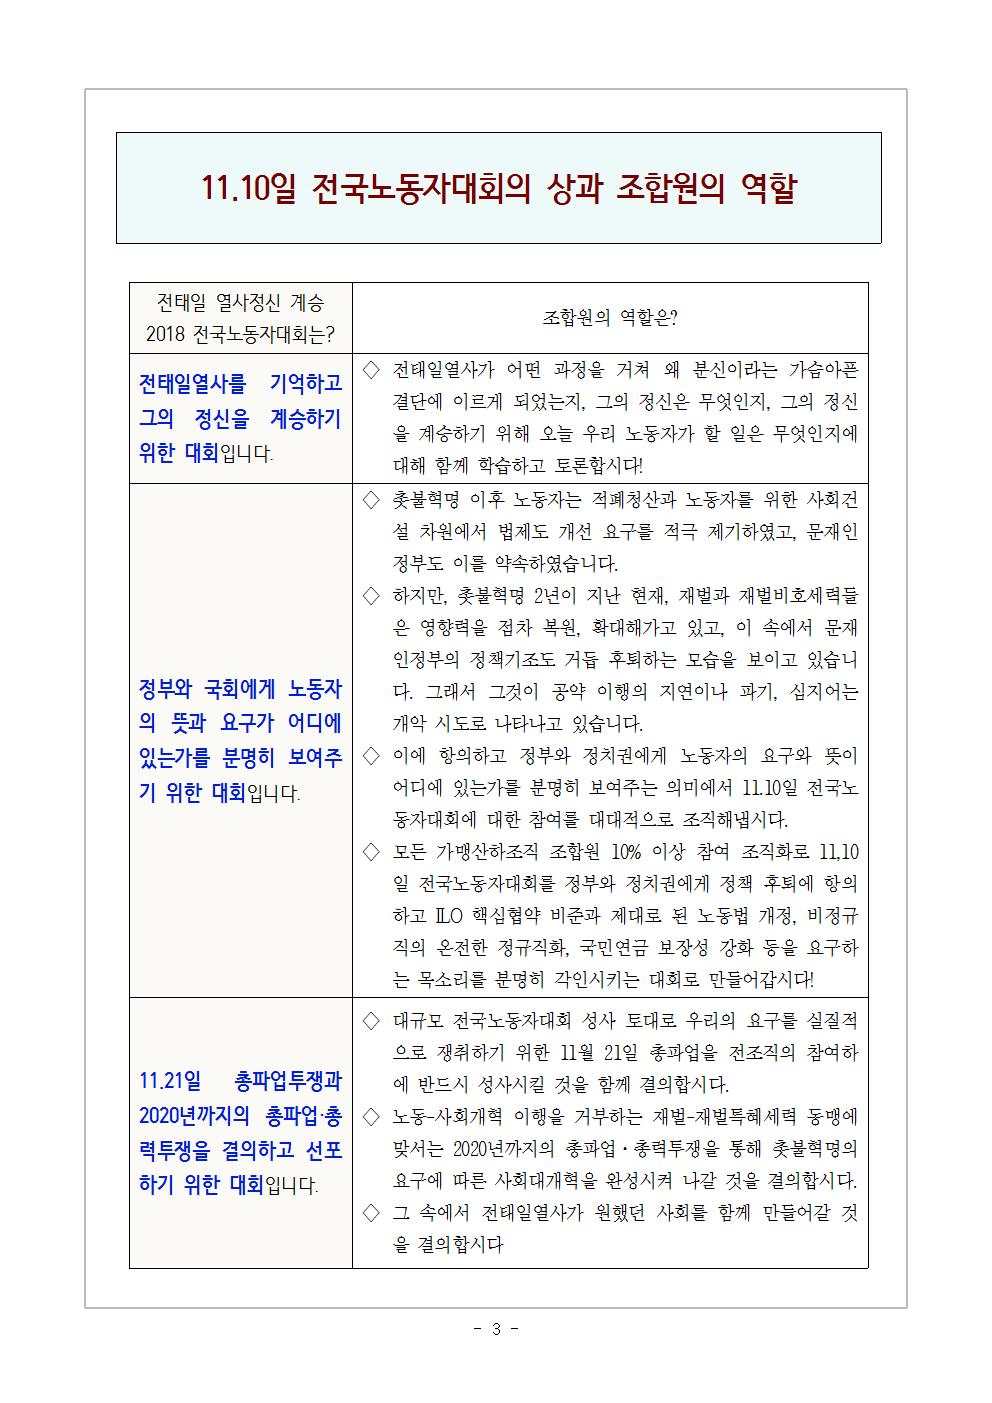 [2018 교육지-11] 11.10 전국노동자대회003.png